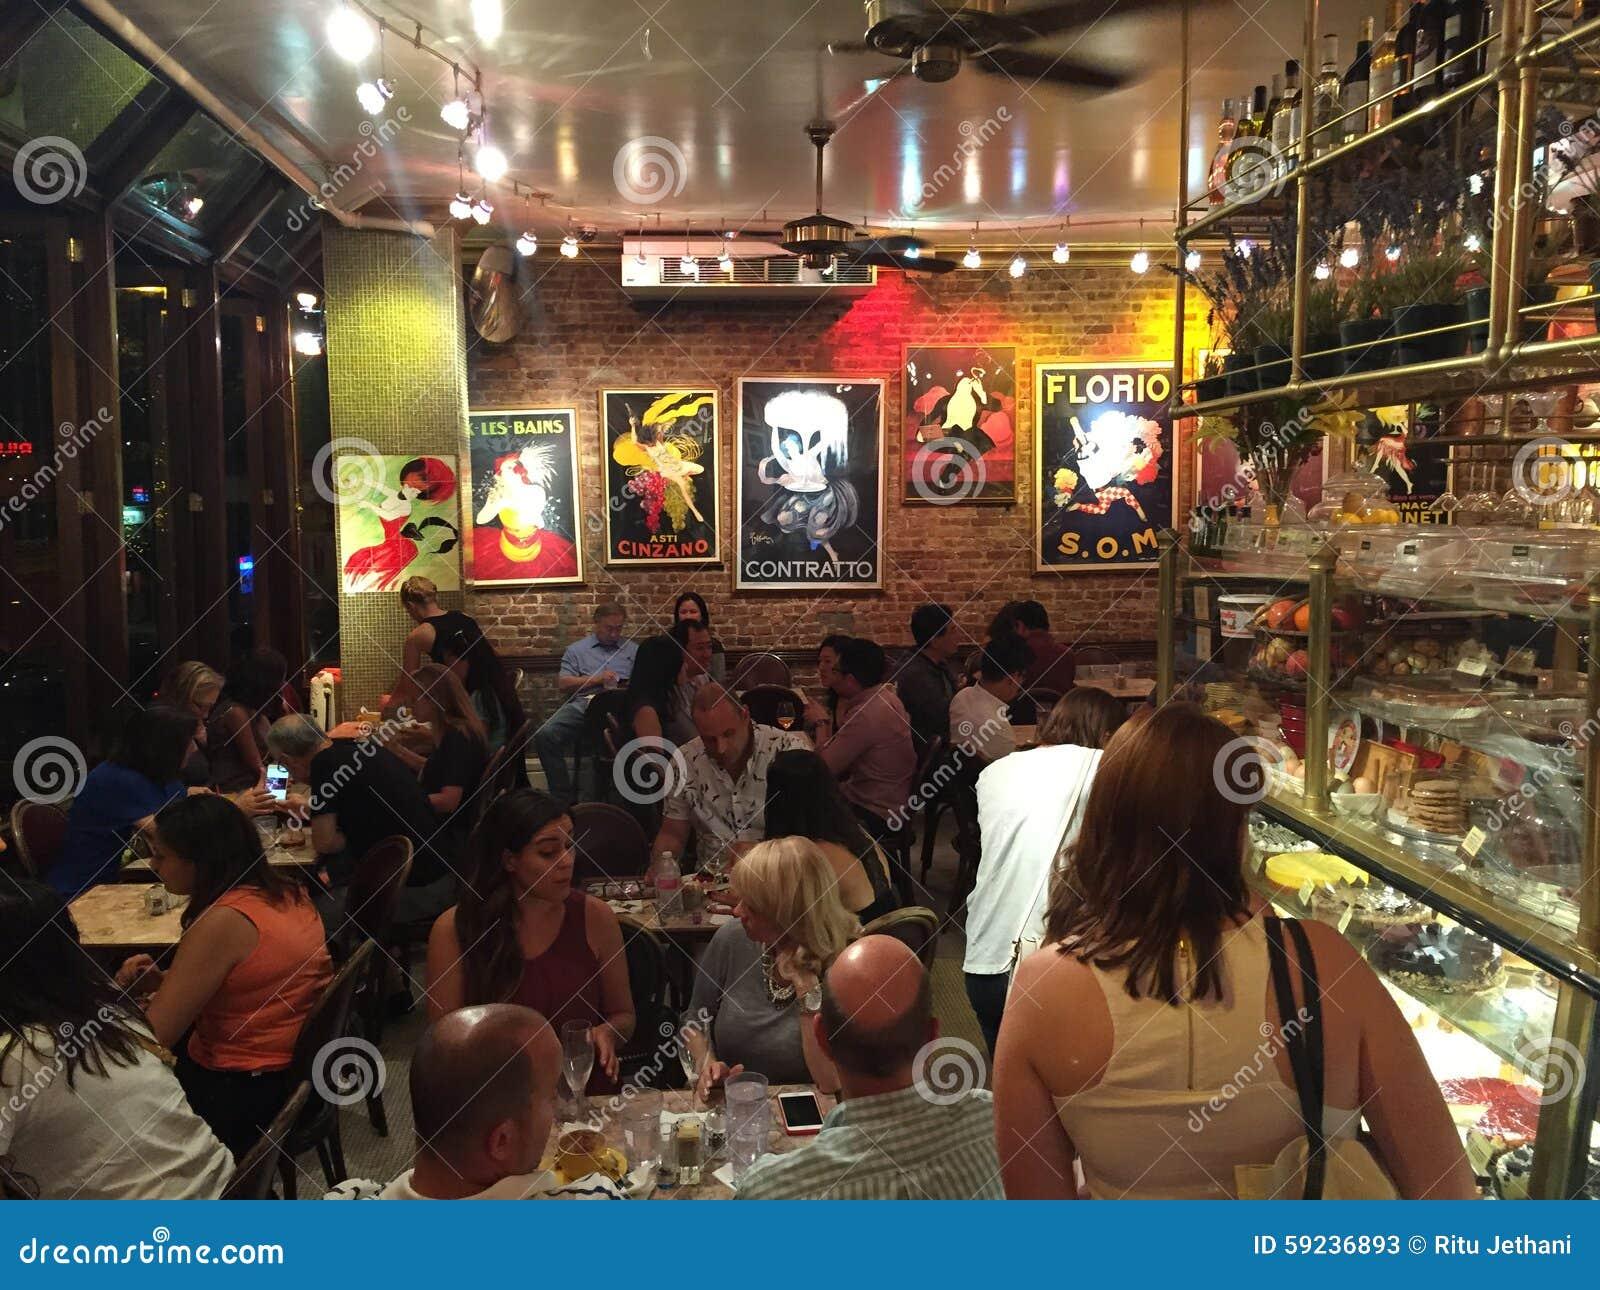 Download Café Lalo en New York City foto de archivo editorial. Imagen de herencia - 59236893